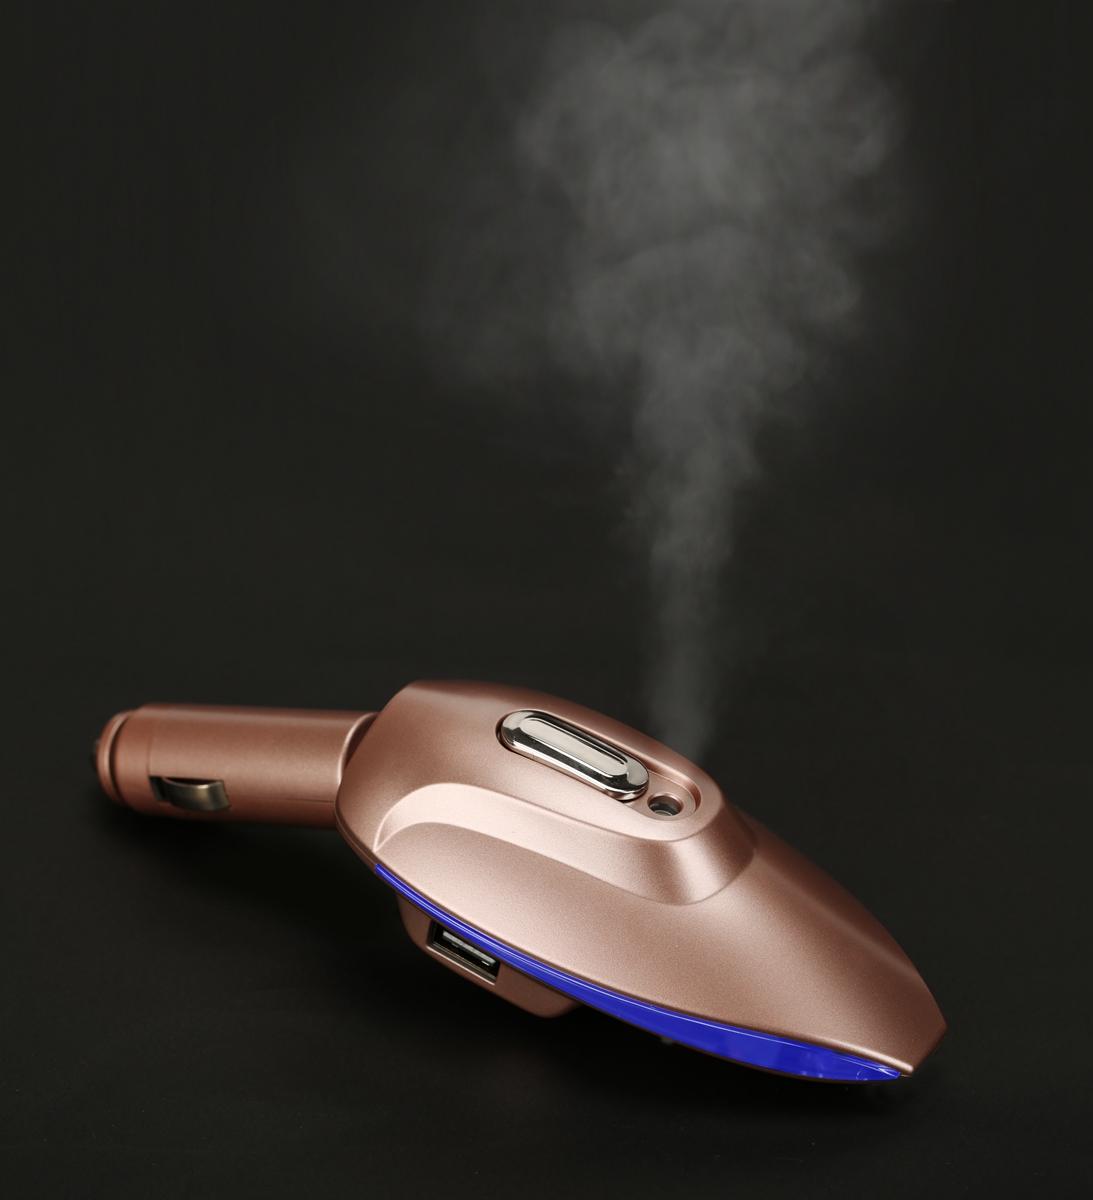 车载空气净化器除甲醛除异味负离子 车用加湿香薰喷雾器包邮